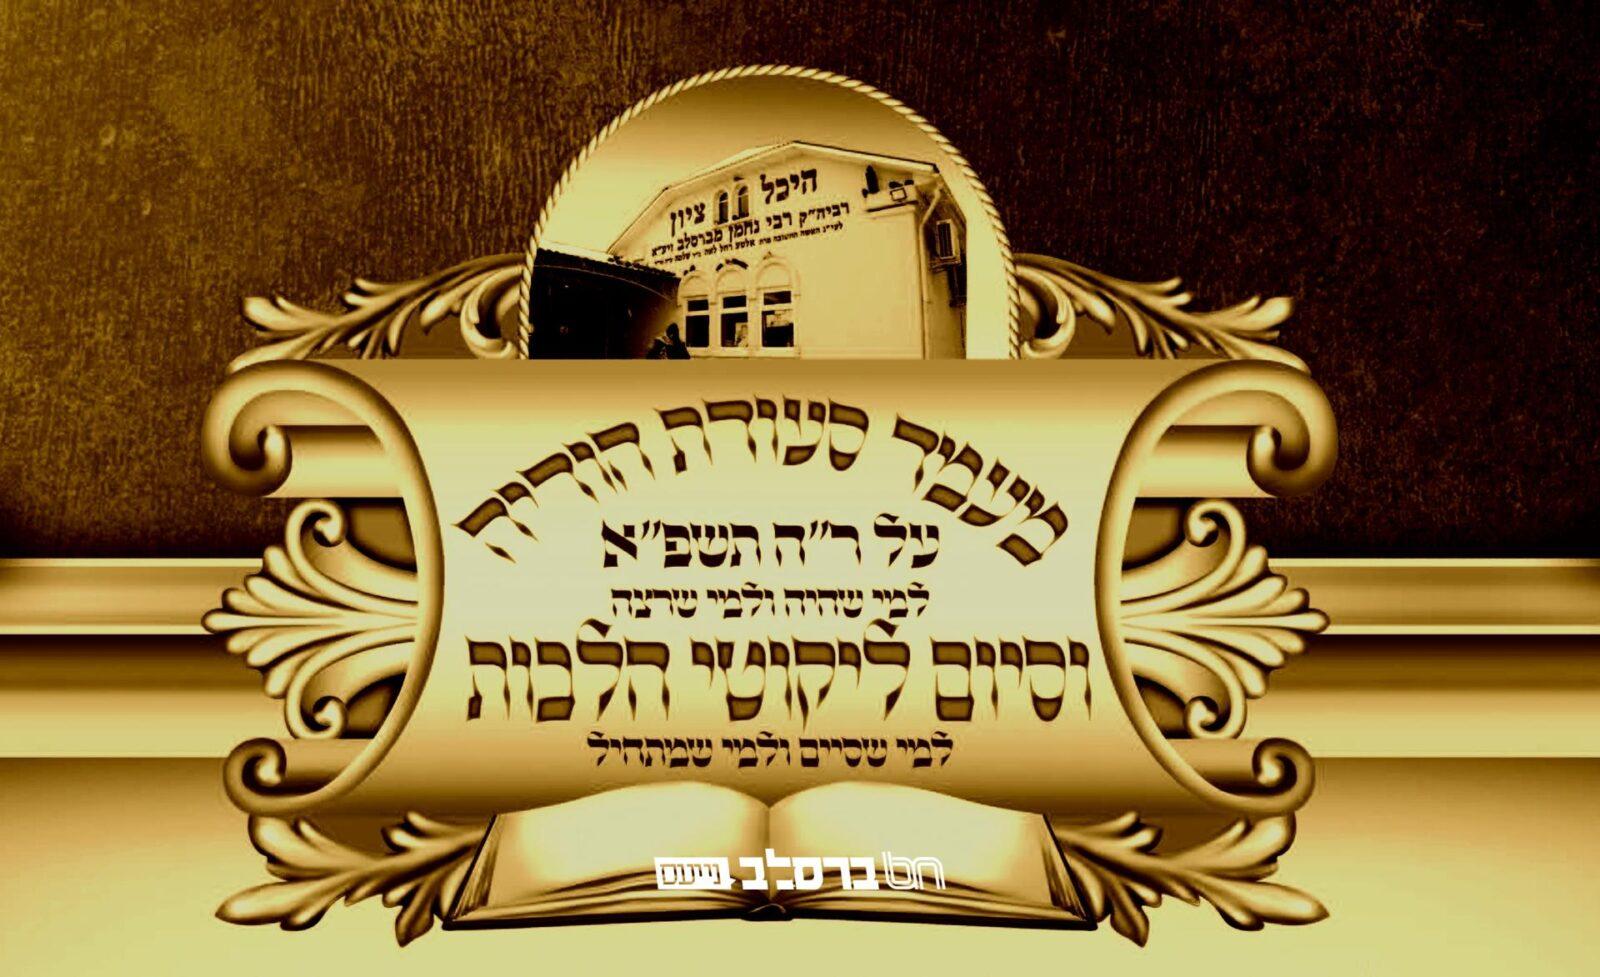 """בית שמש • מעמד סיום והתחלת הספר הקדוש """"ליקוטי הלכות"""" בשילוב הודיה על ראש השנה תשפ""""א"""